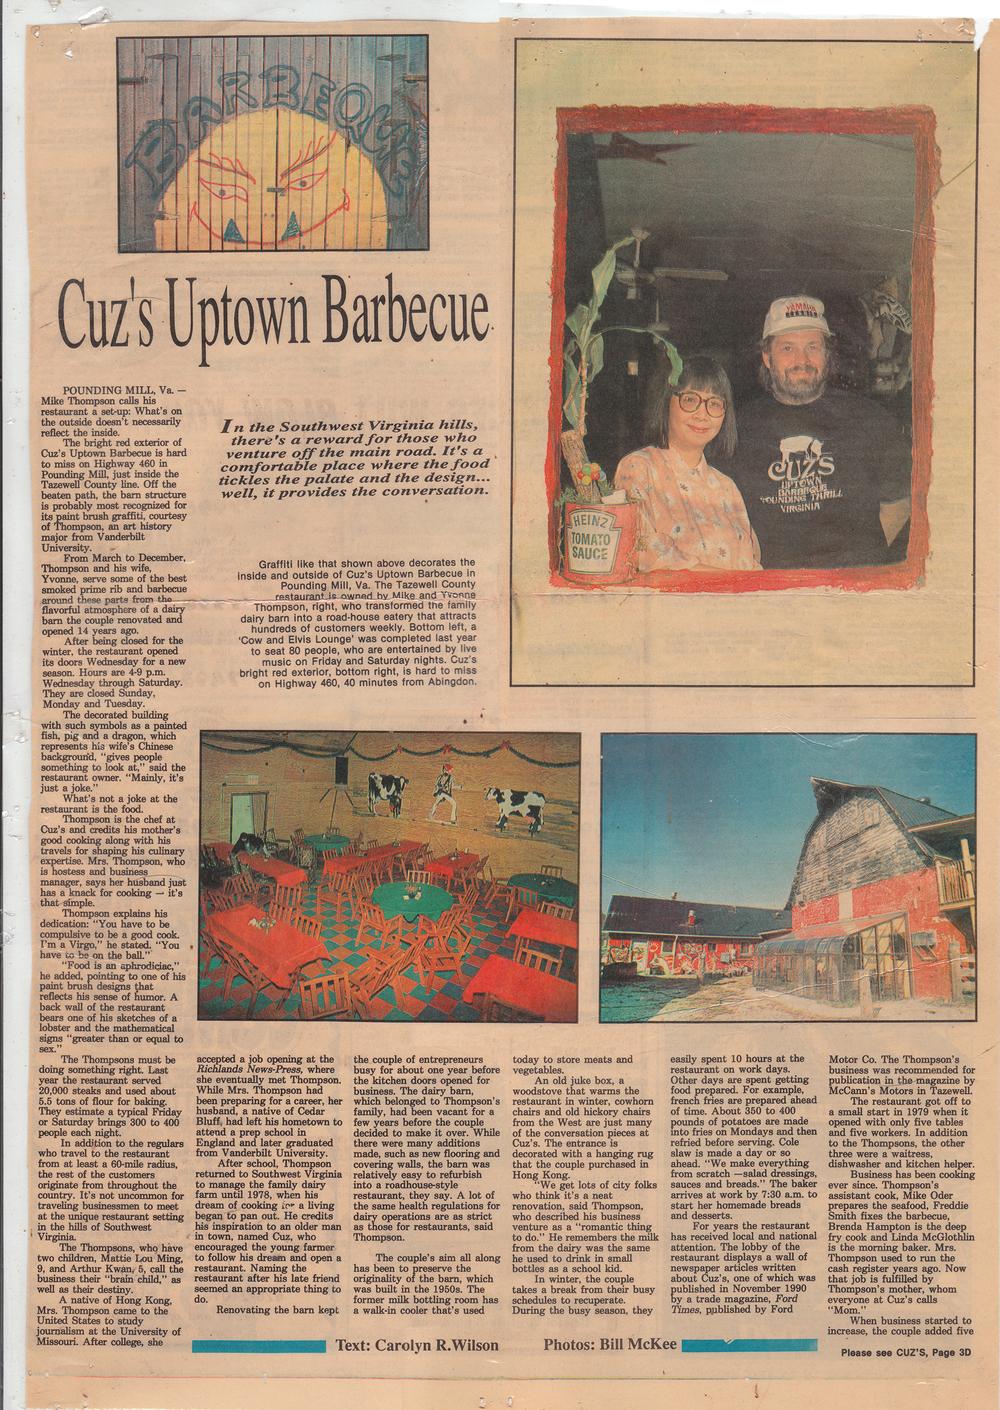 Cuz's Clips - Bristol Herald Courier - 1992